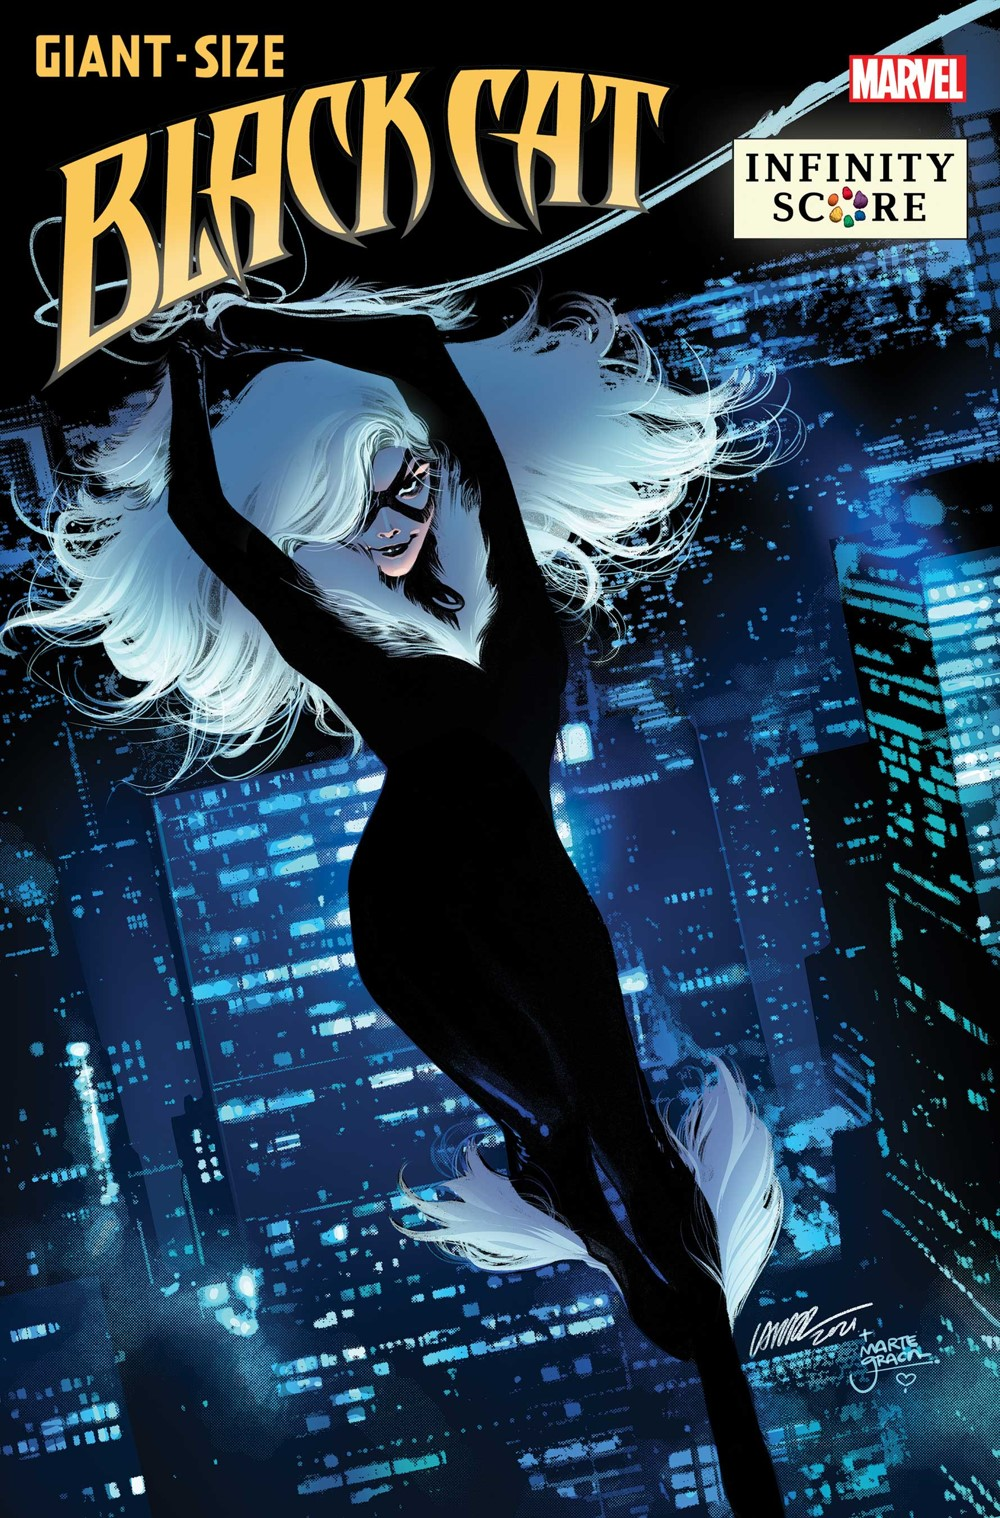 GSBLACKCATIS2021001_cov-1 Marvel Comics November 2021 Solicitations